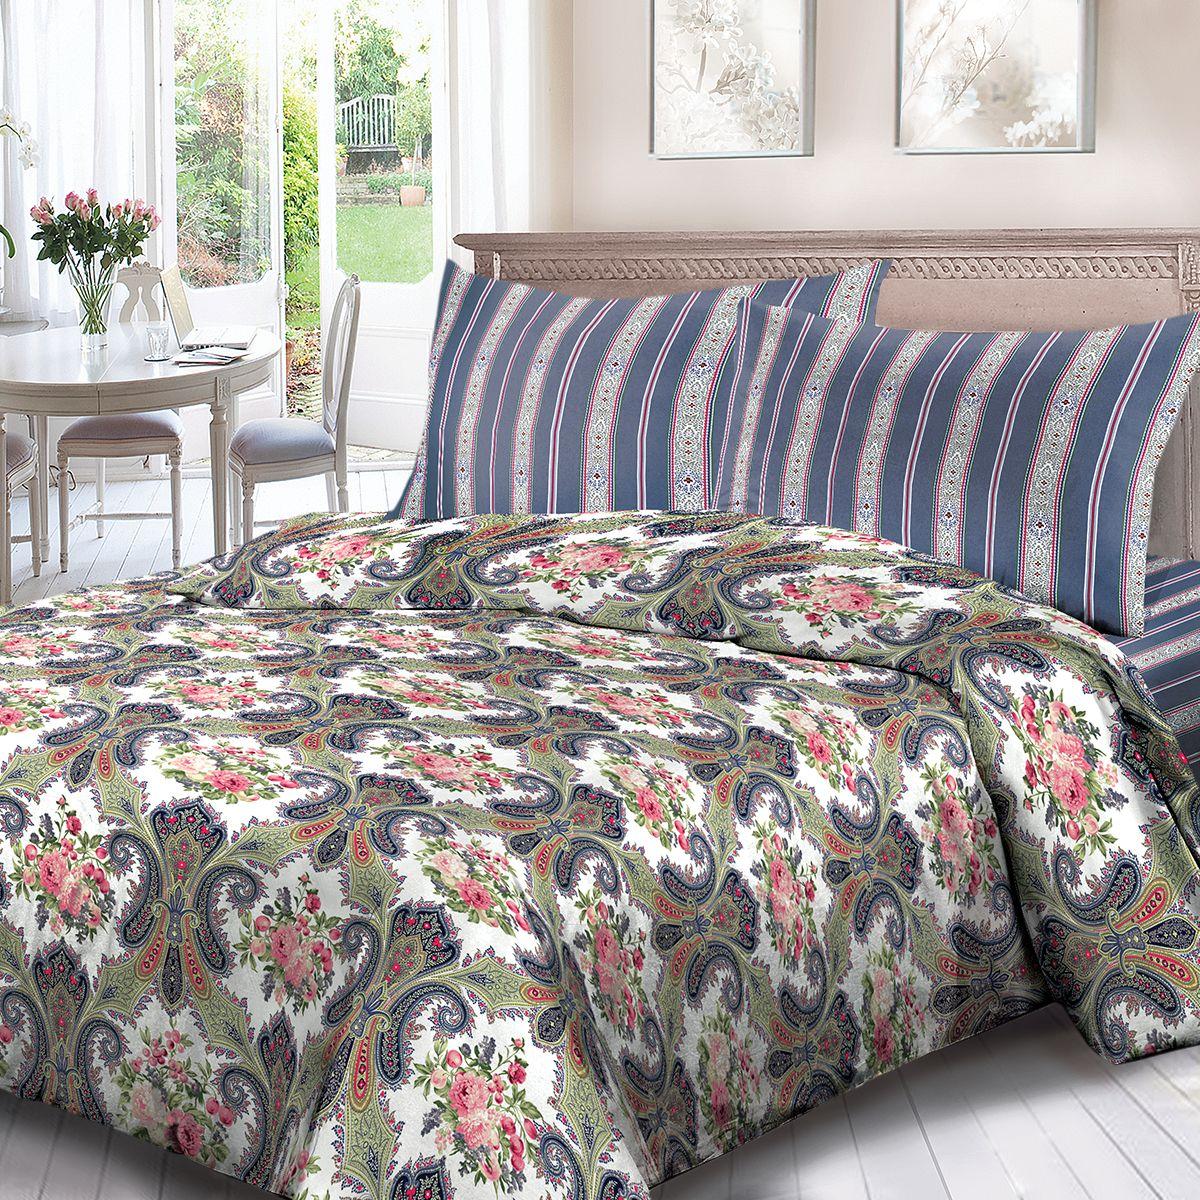 Комплект белья Для Снов Клэр, семейный, наволочки 70x70, цвет: синий. 1705-183761